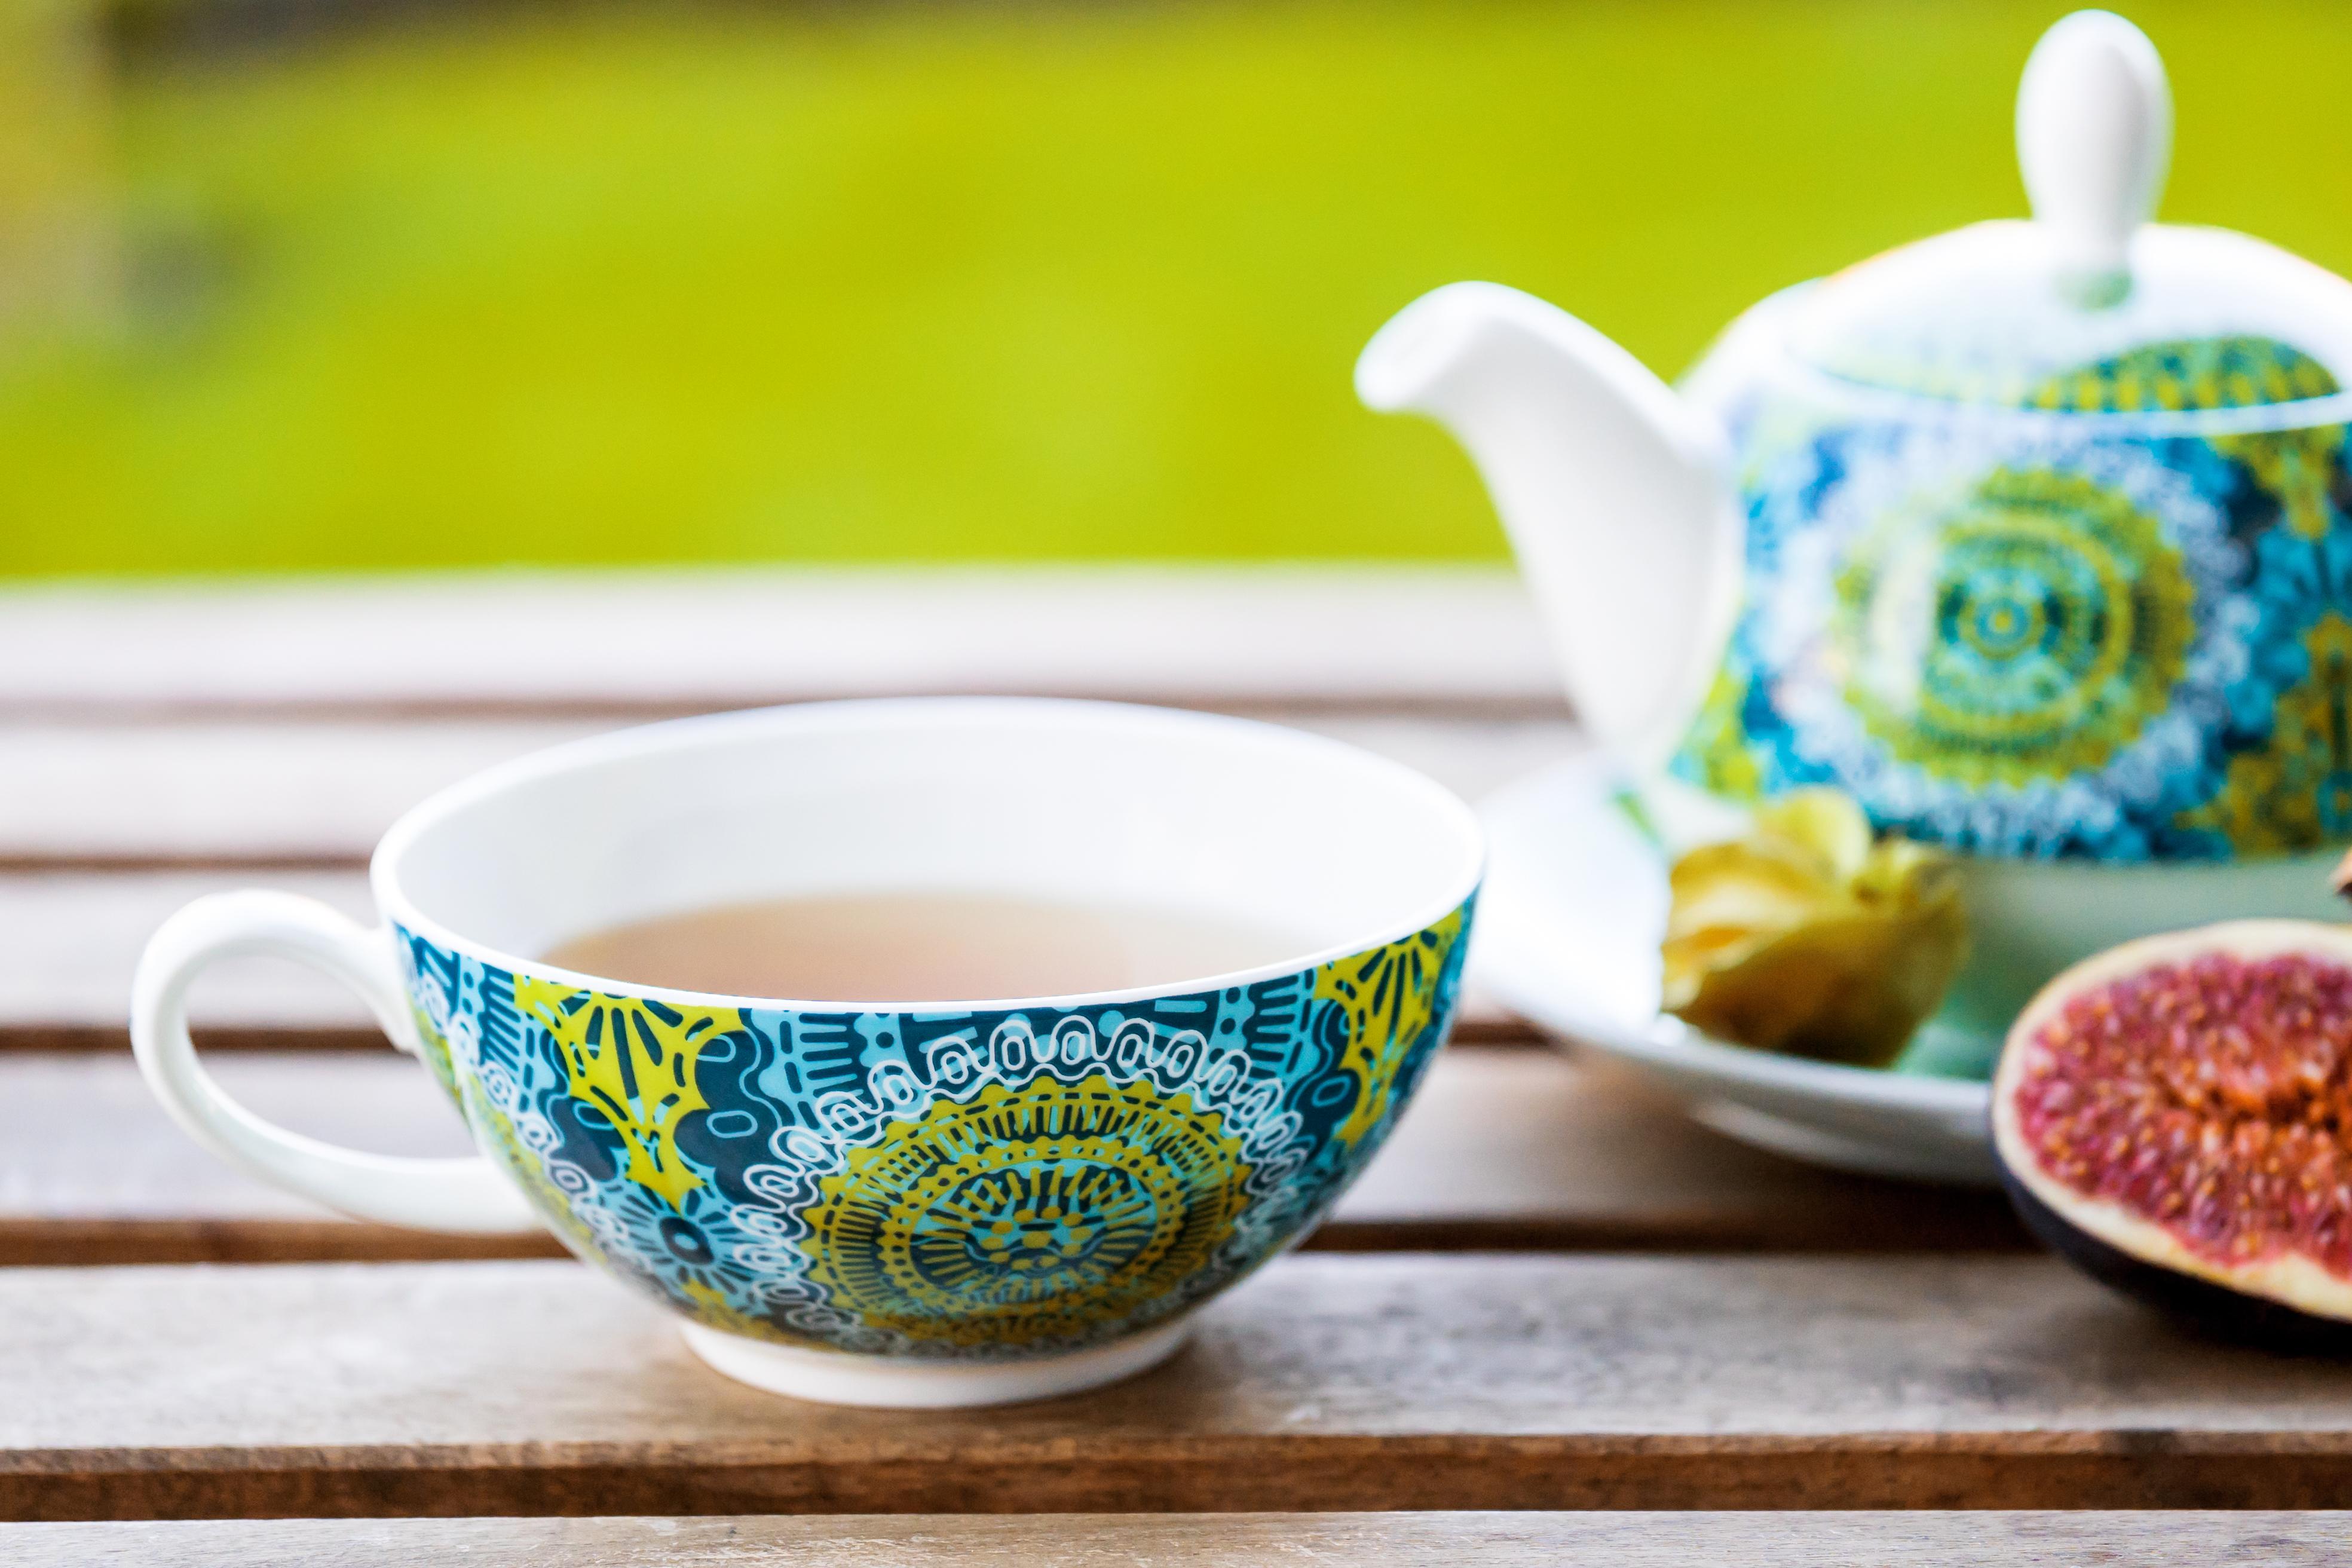 Tea-for-one-tasse-nanji-fine-bone-china